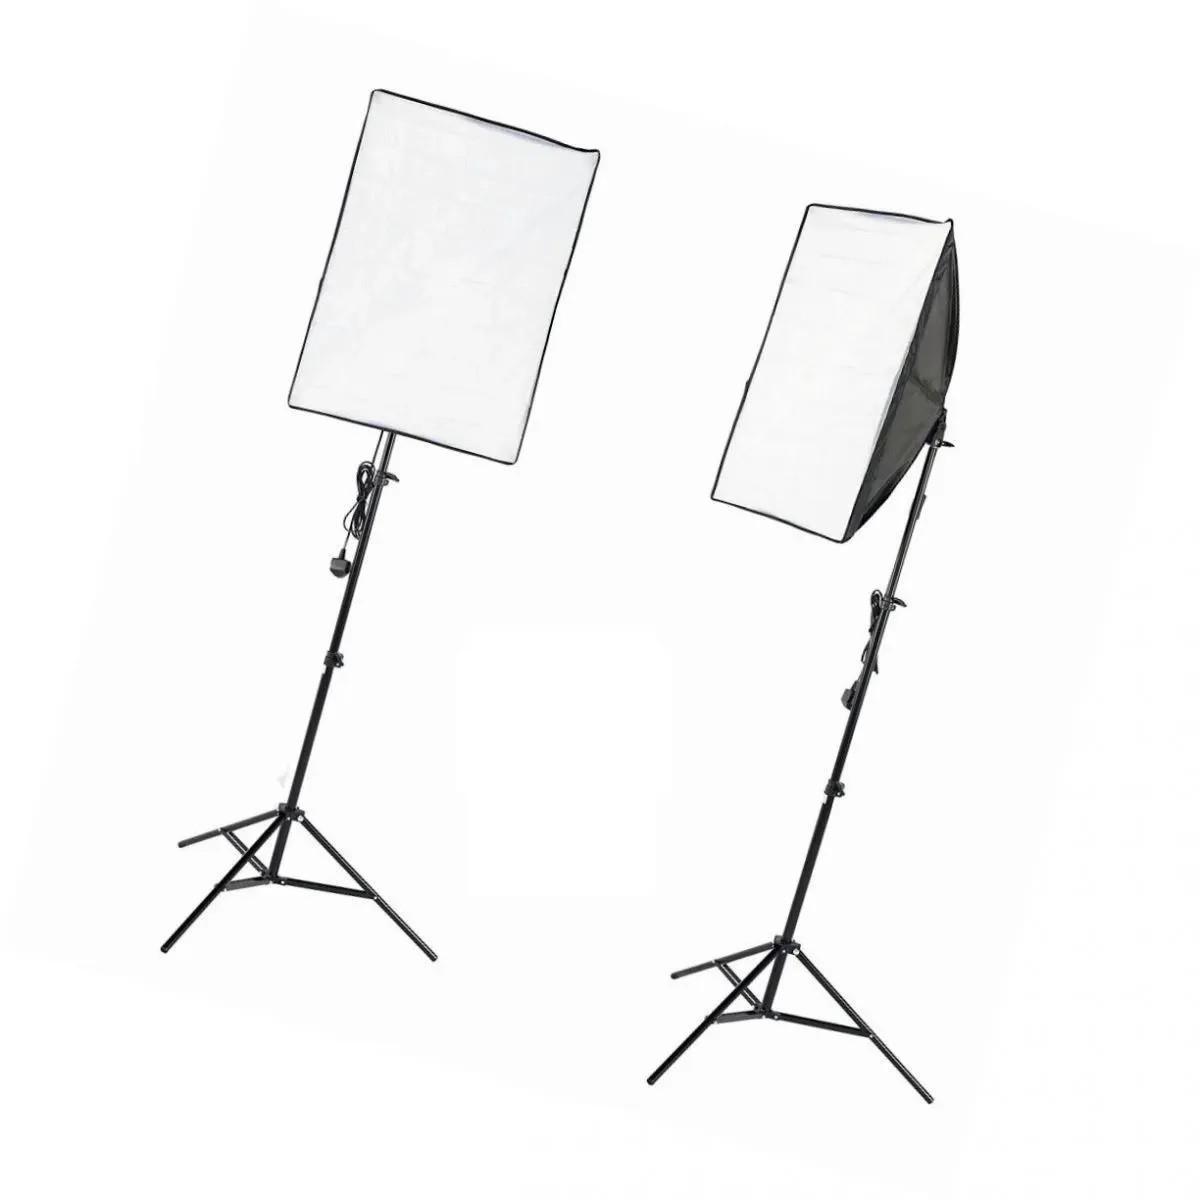 Kit de Iluminação Softbox 50x70 Com Soquete E27 Tripé 2m E Bolsa - NEWBORN3